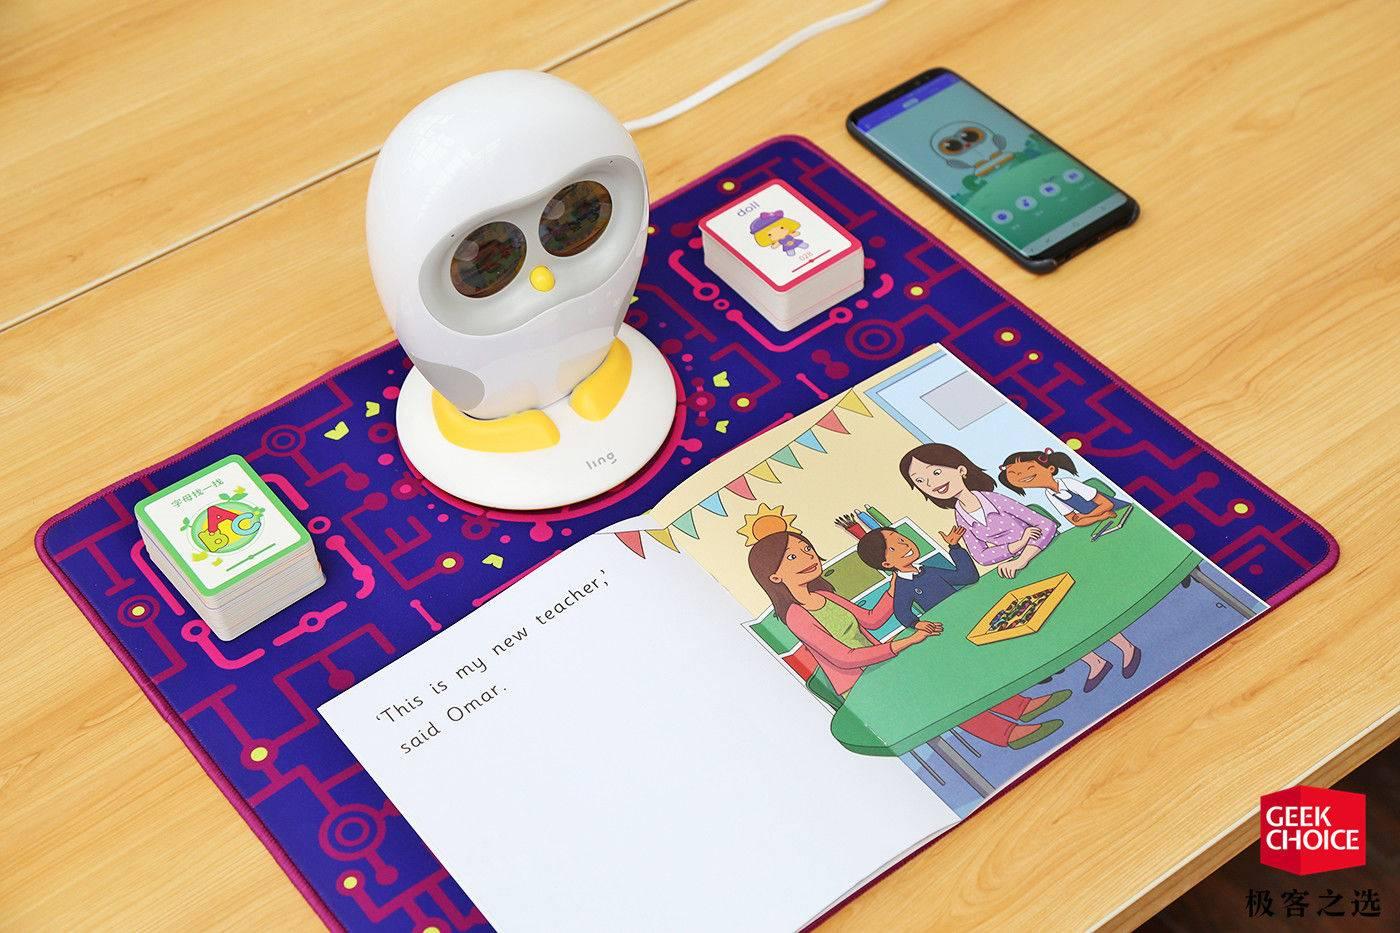 让孩子对英语感兴趣?可以试试绘本阅读机器人